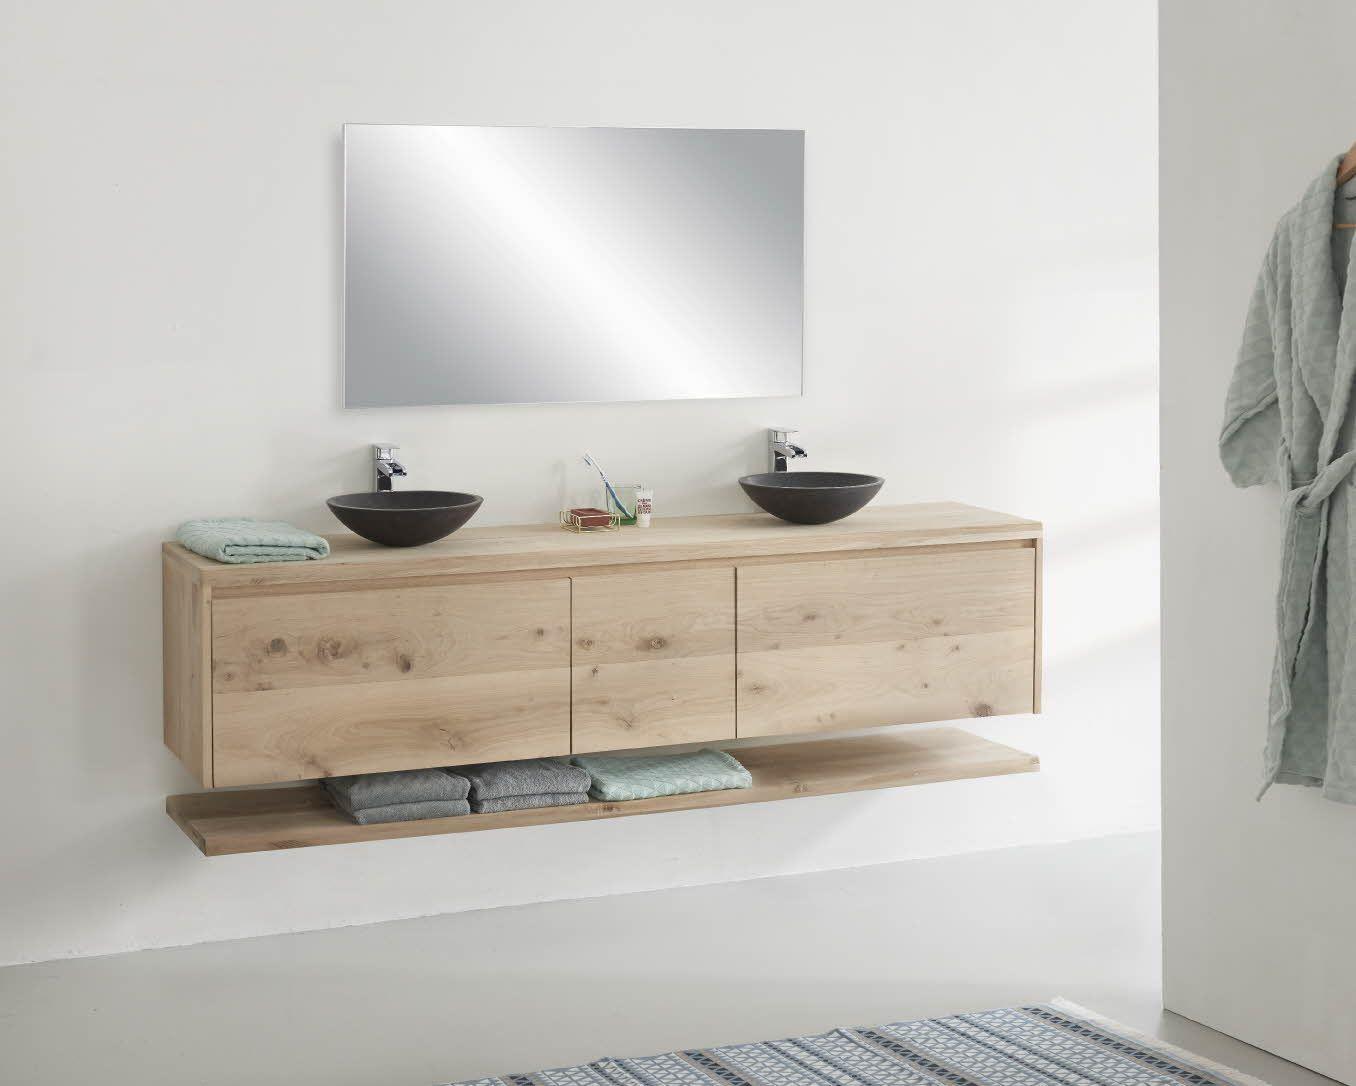 Inloopdouche Met Wastafelkast : Maak een designer tv meubel van eikenhout stappenplannen praxis